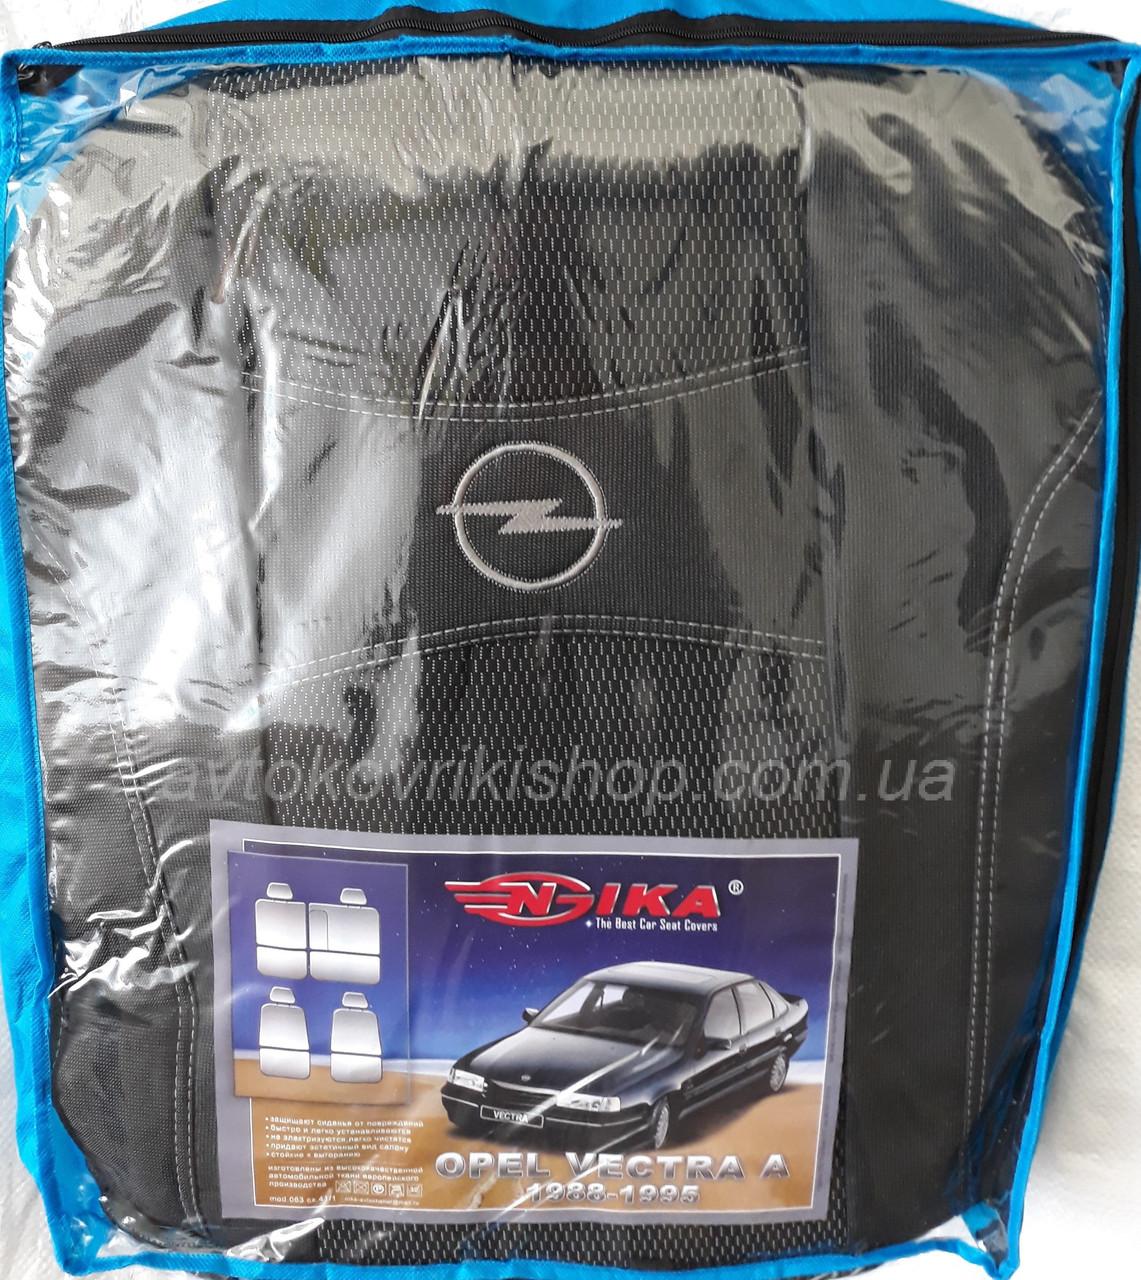 Авточехлы Opel Vectra A 1988-1995 Nika